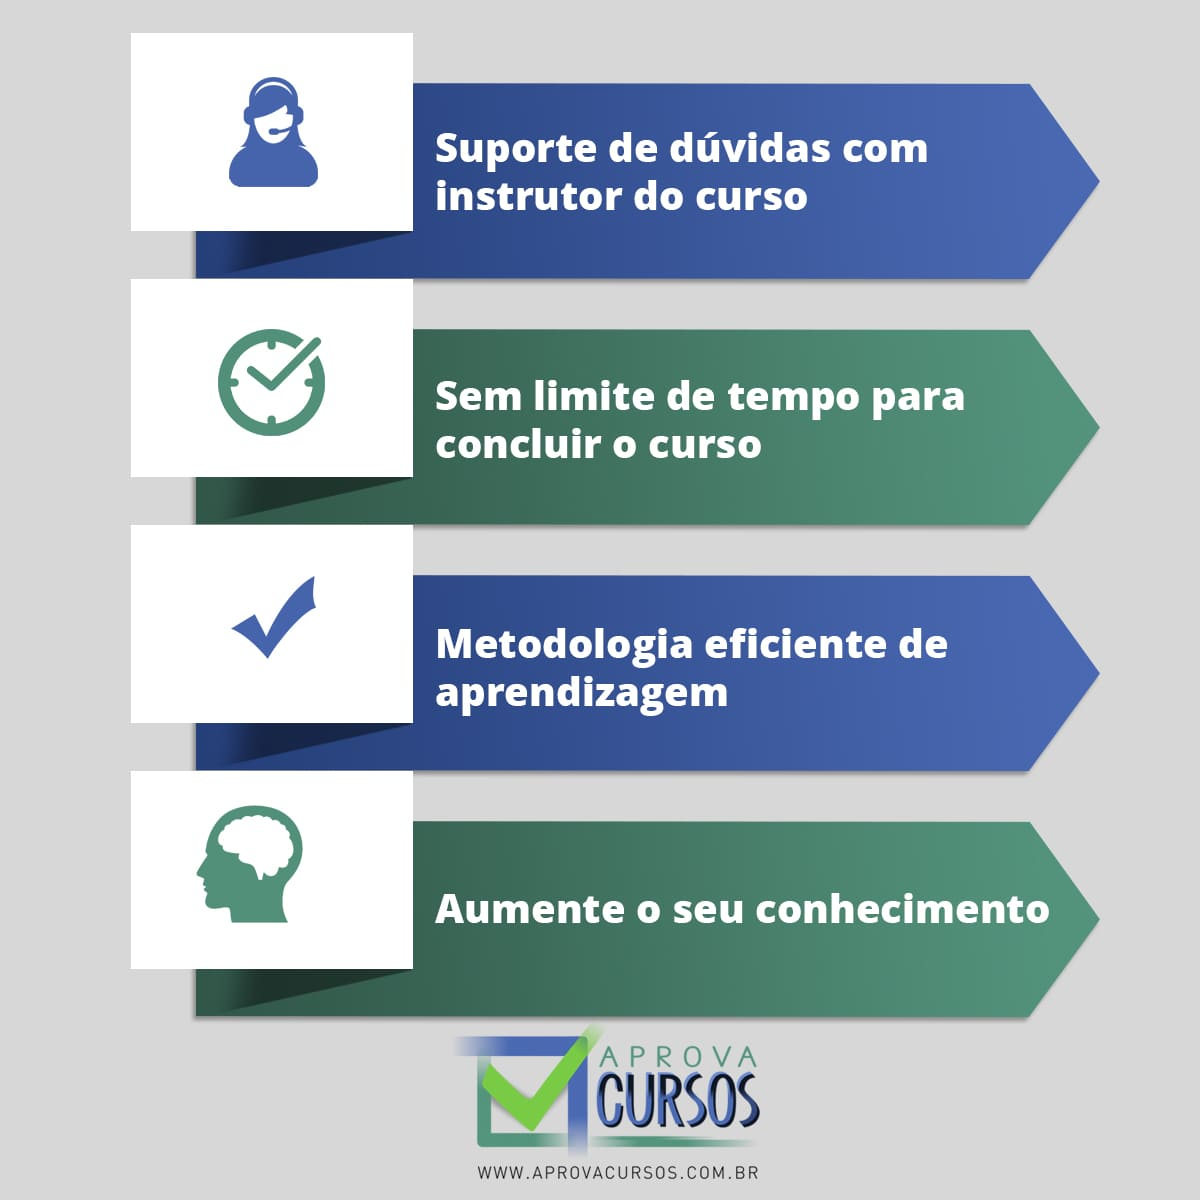 Curso Online de Relações Interpessoais com Certificado  - Aprova Cursos